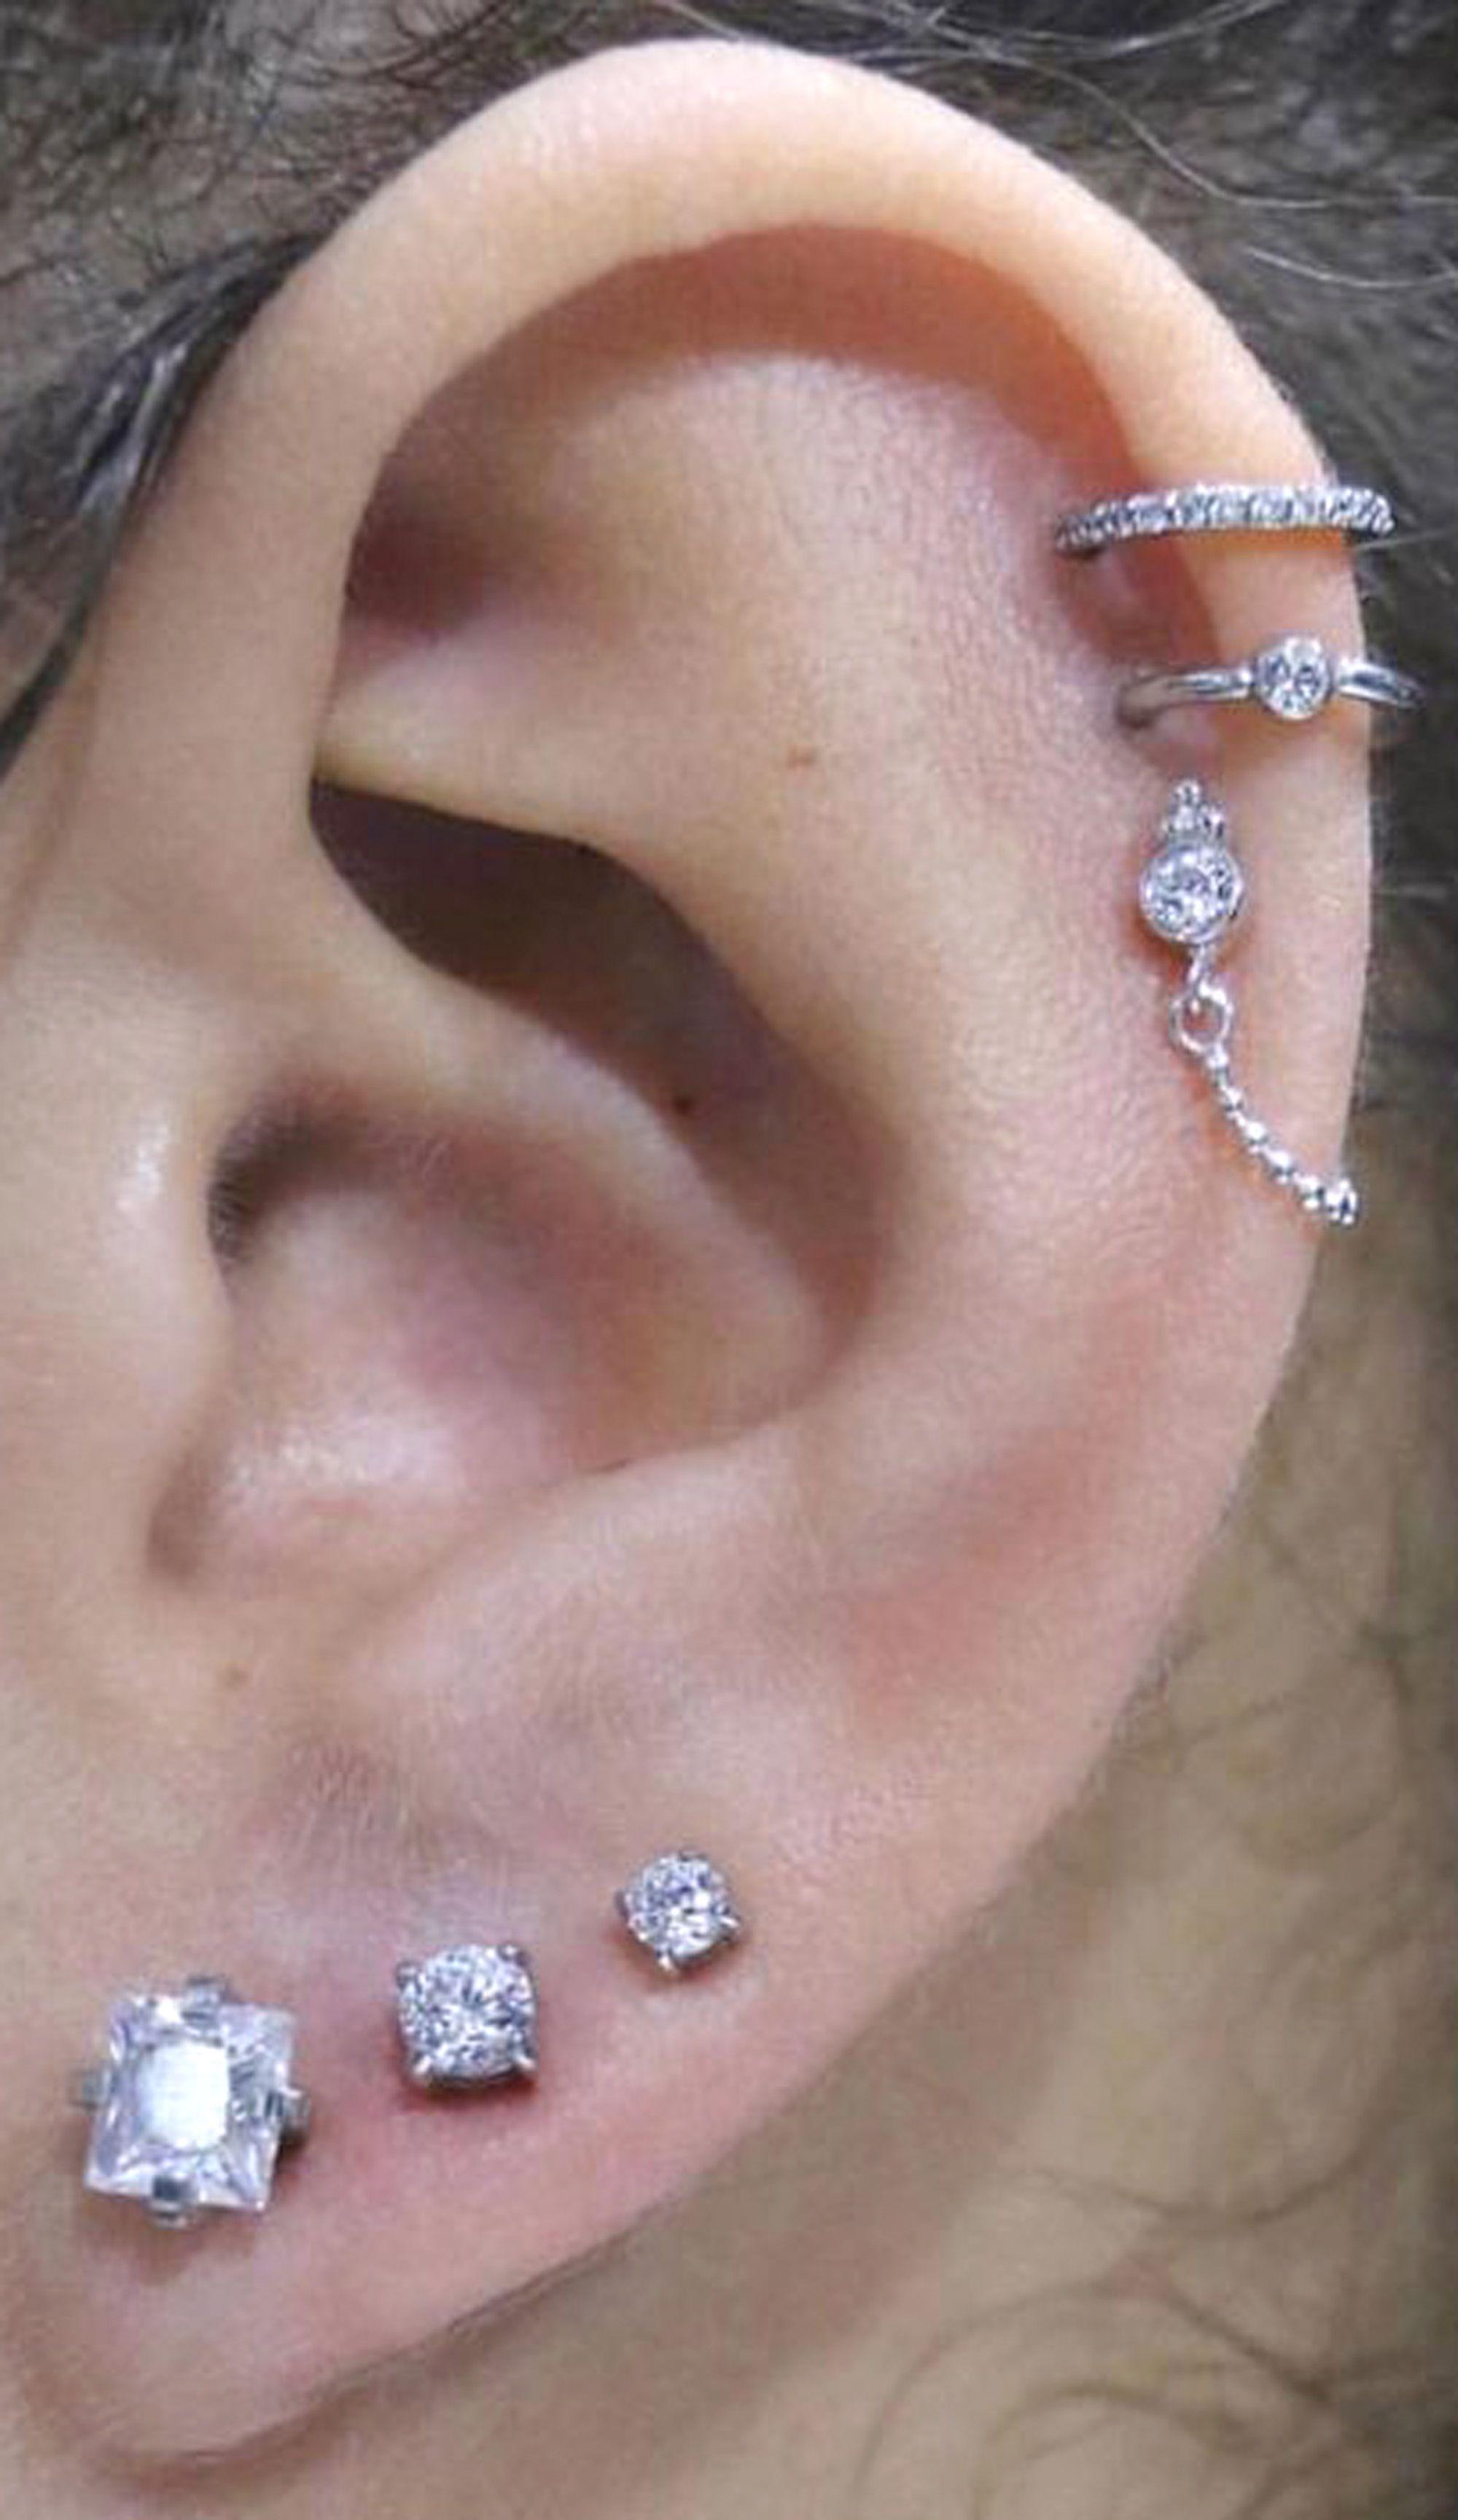 7c9d062c1 unique simple ear piercing ideas triple helix lobe cartilage helix conch earring  studs jewelry ring hoops in silver